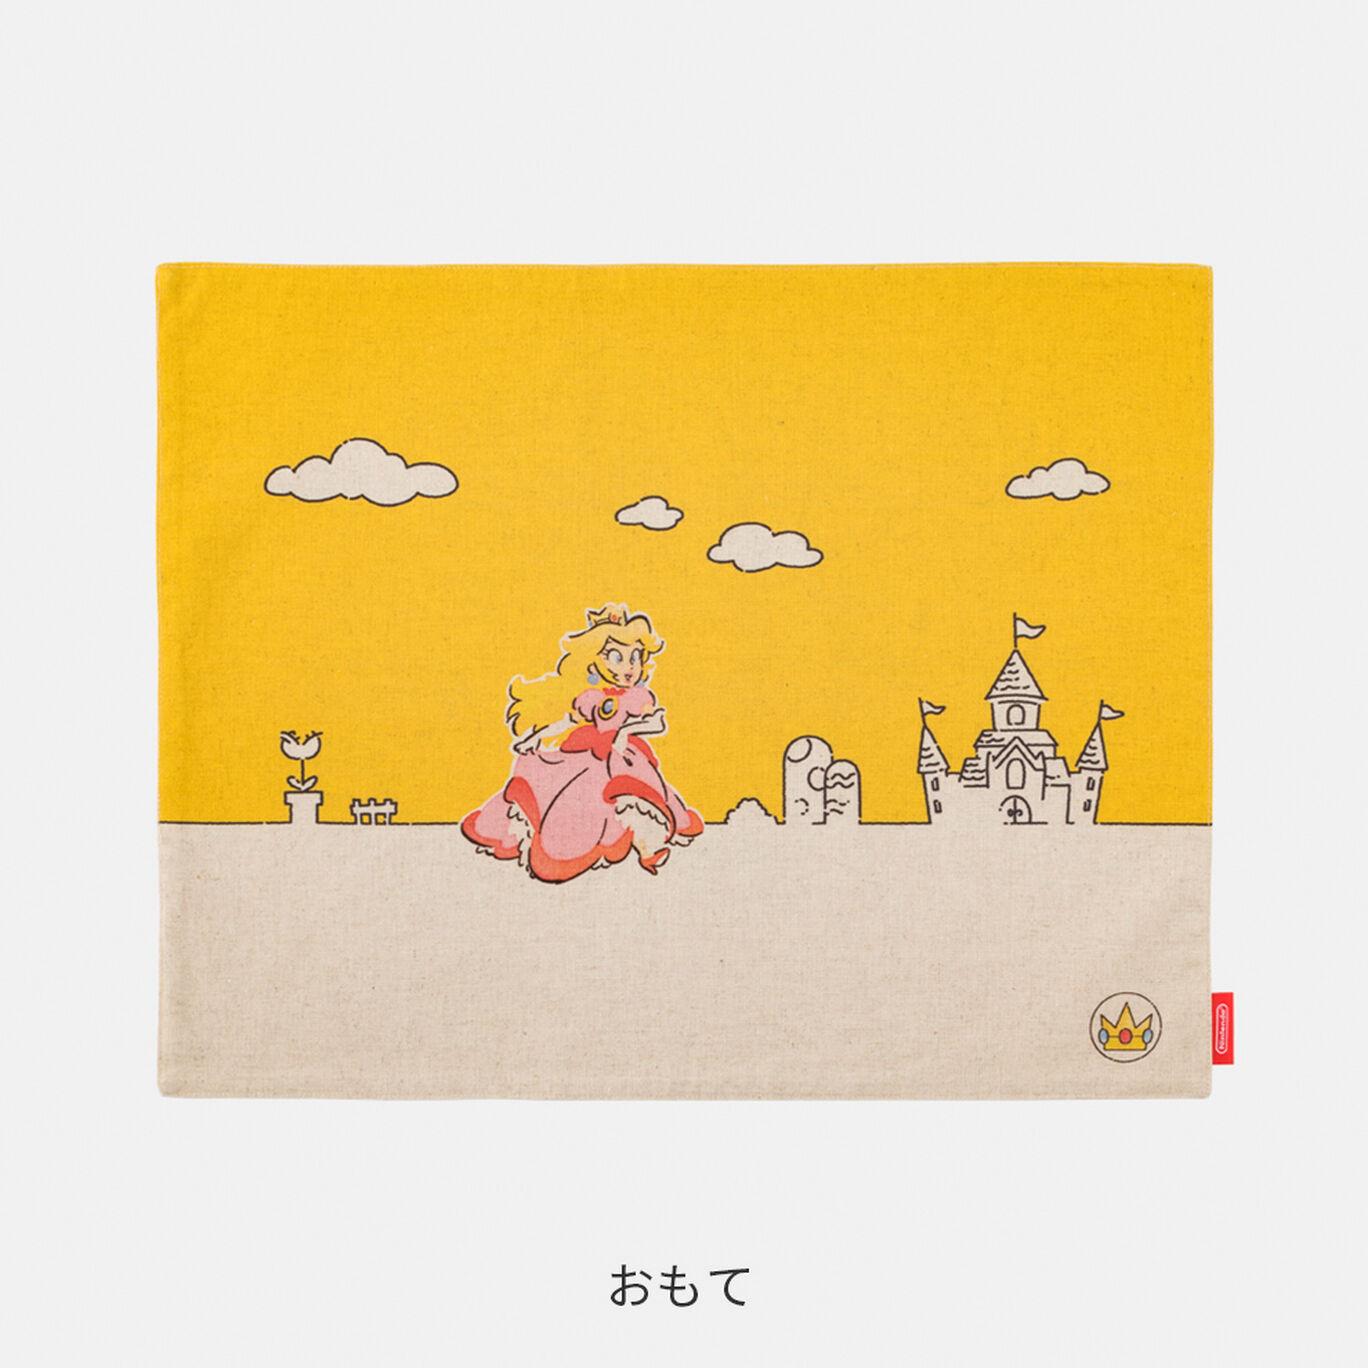 ランチョンマット スーパーマリオファミリーライフ ピーチ【Nintendo TOKYO取り扱い商品】